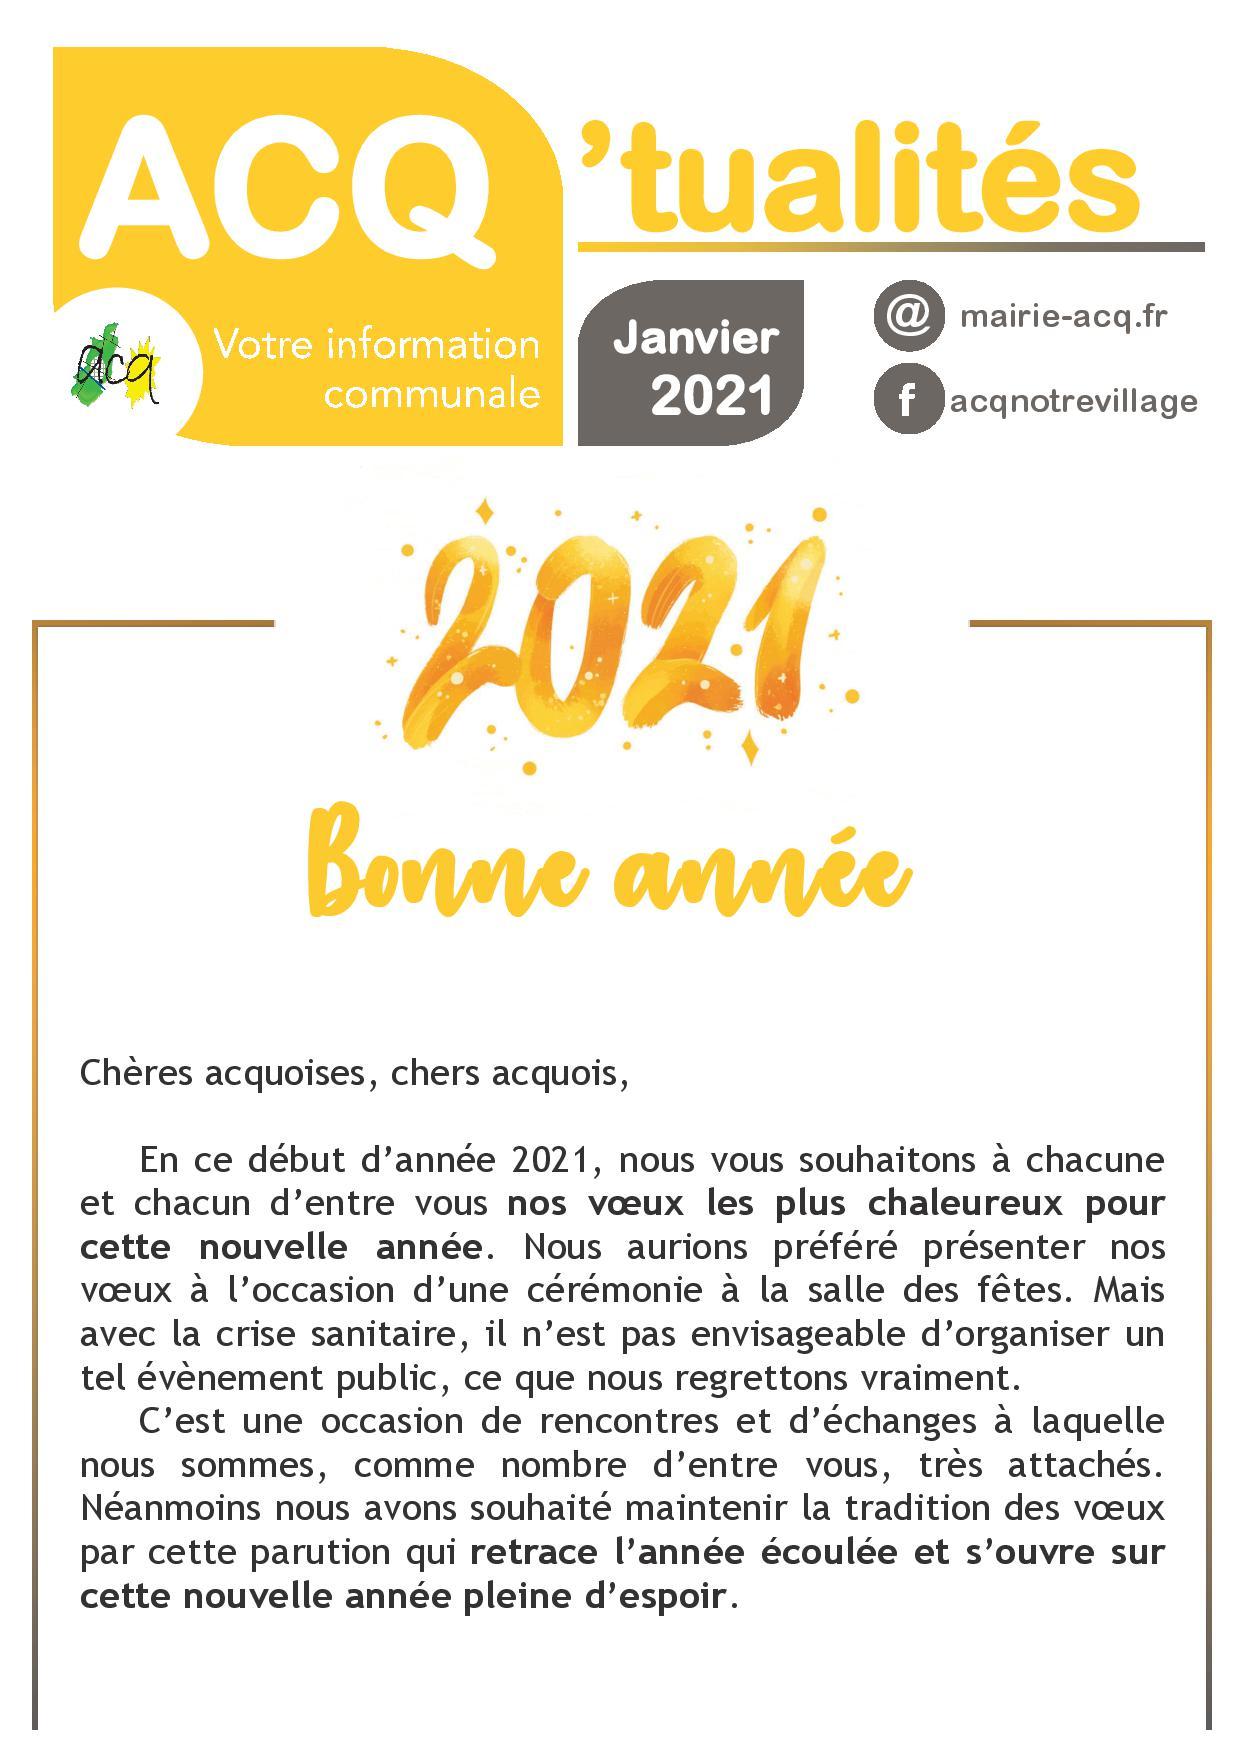 Acq_tualités Janvier 2021.jpg